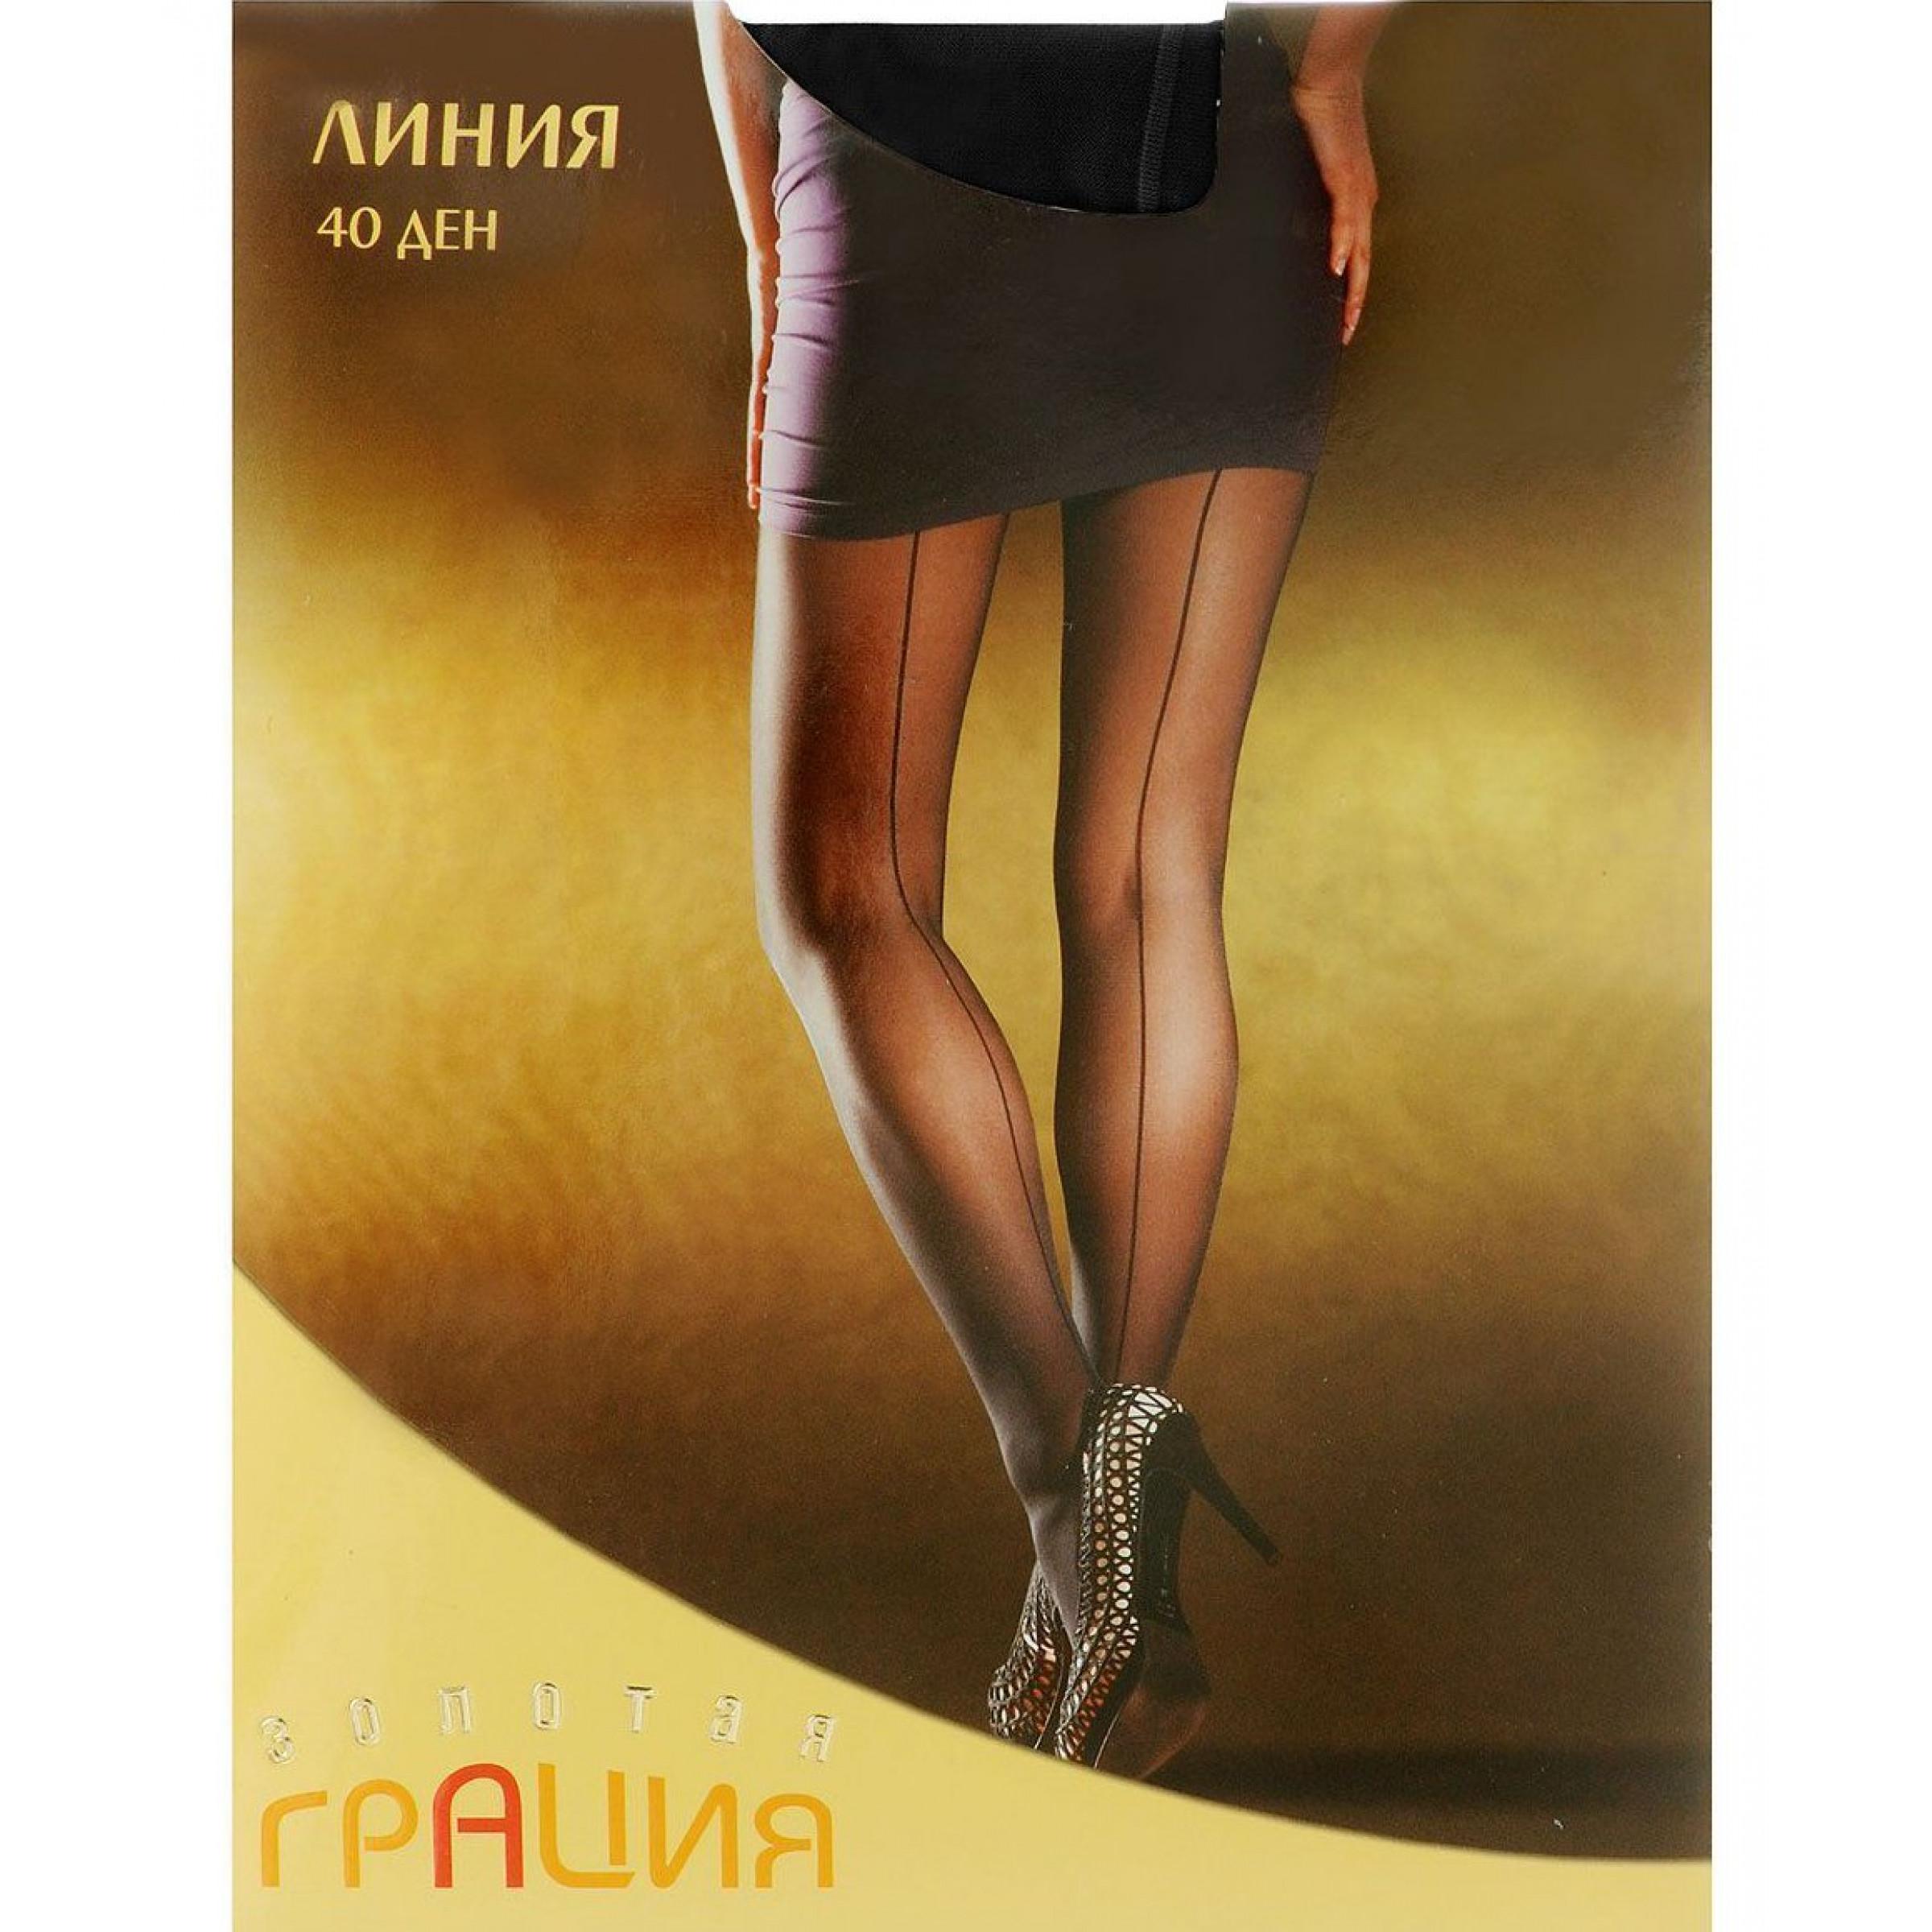 Колготки женские с эмитацией заднего шва Грация Линия 40den цвет церный 3 размер, 1шт